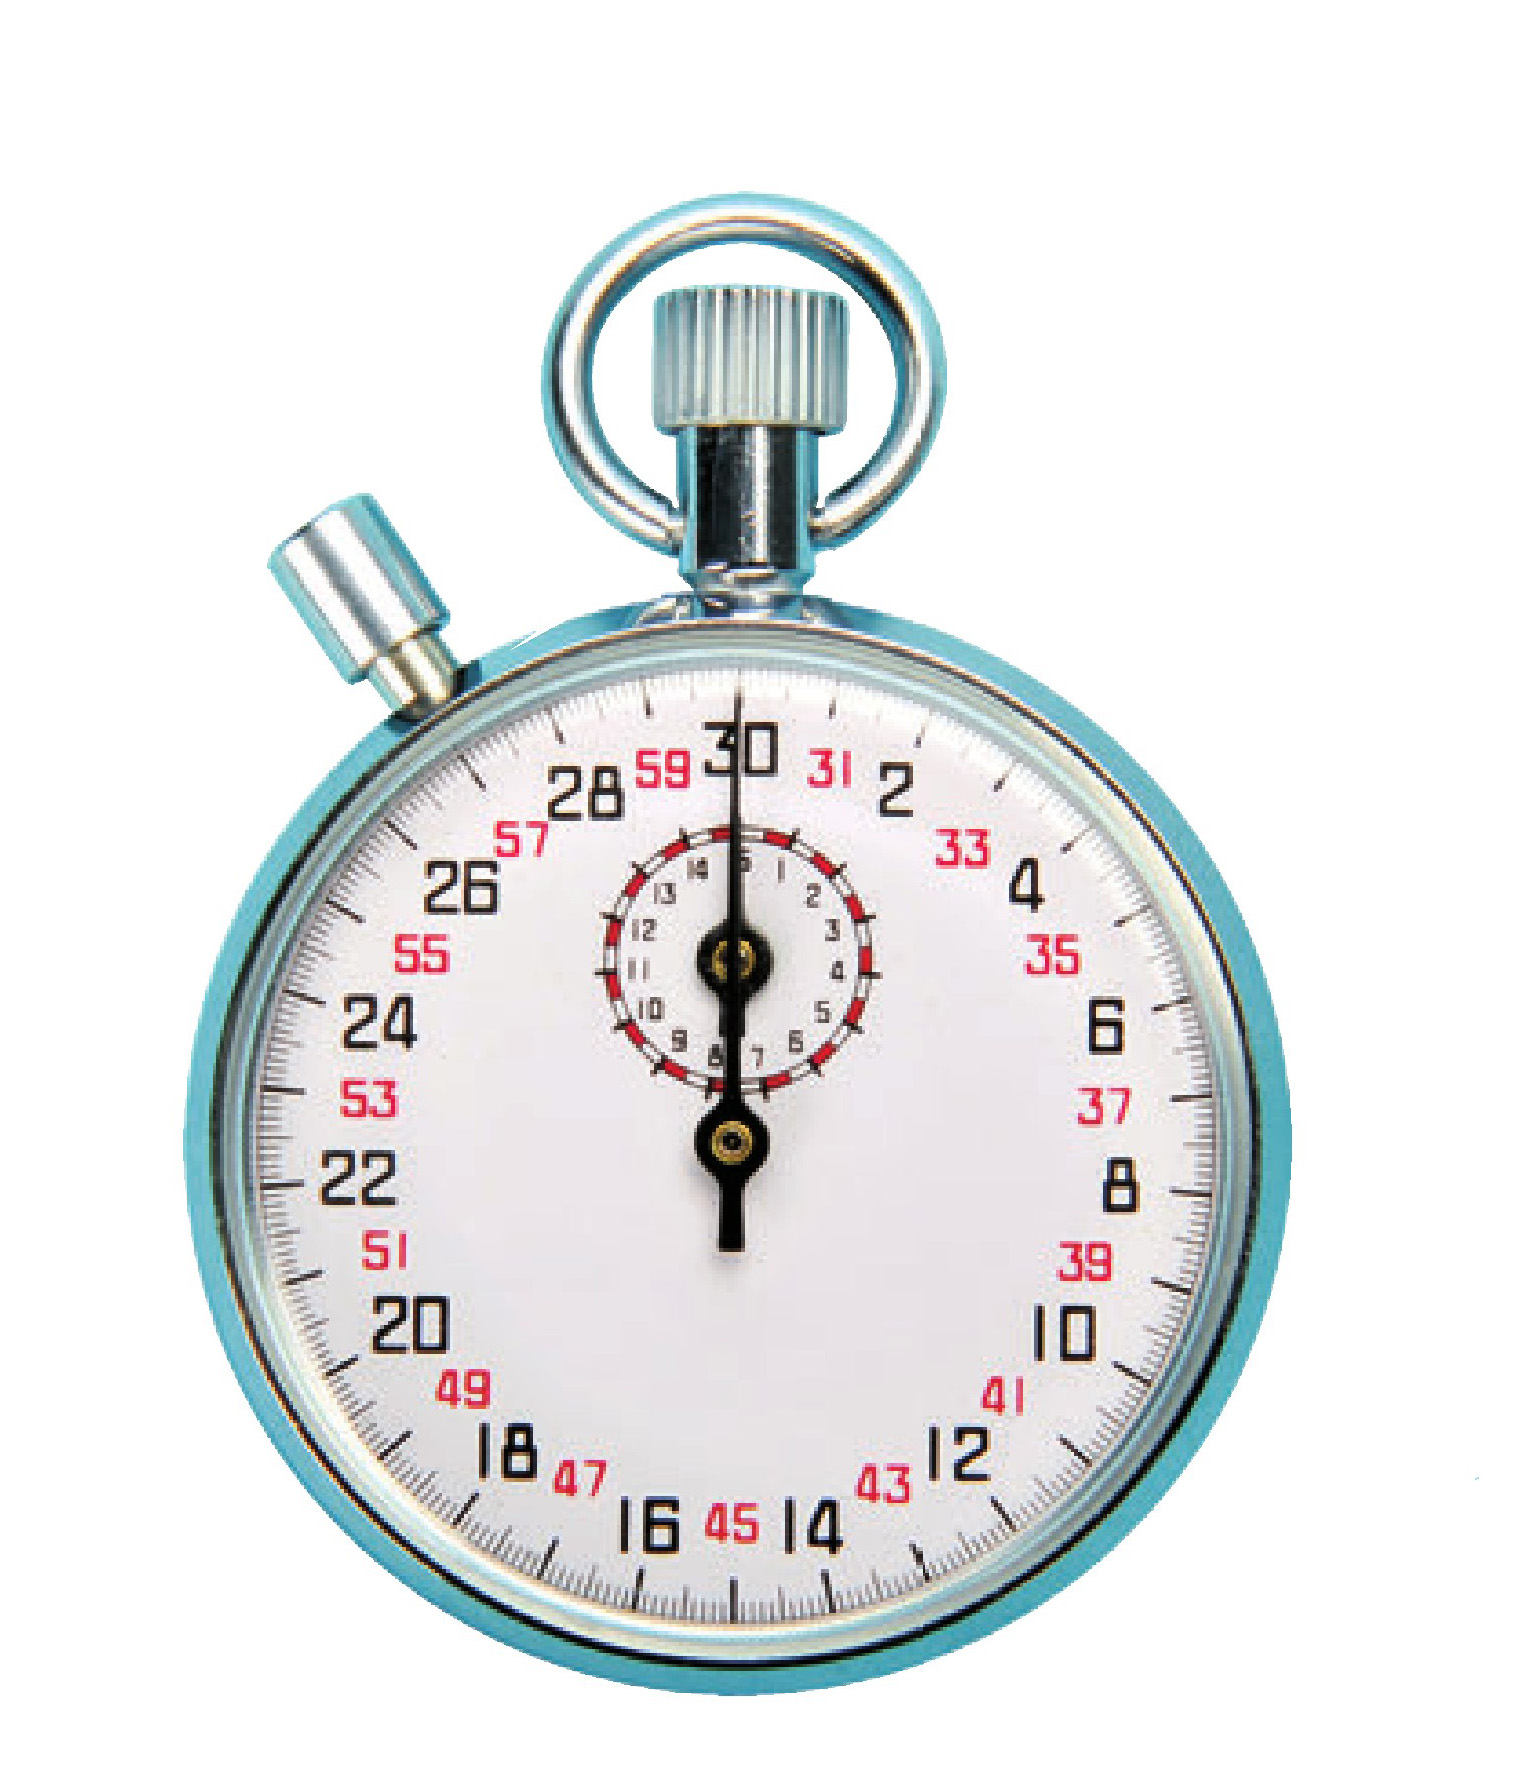 标题:【力学图片】时间的测量:测量工具-停表(二) 点击数:518次 发表时间:2021-03-31